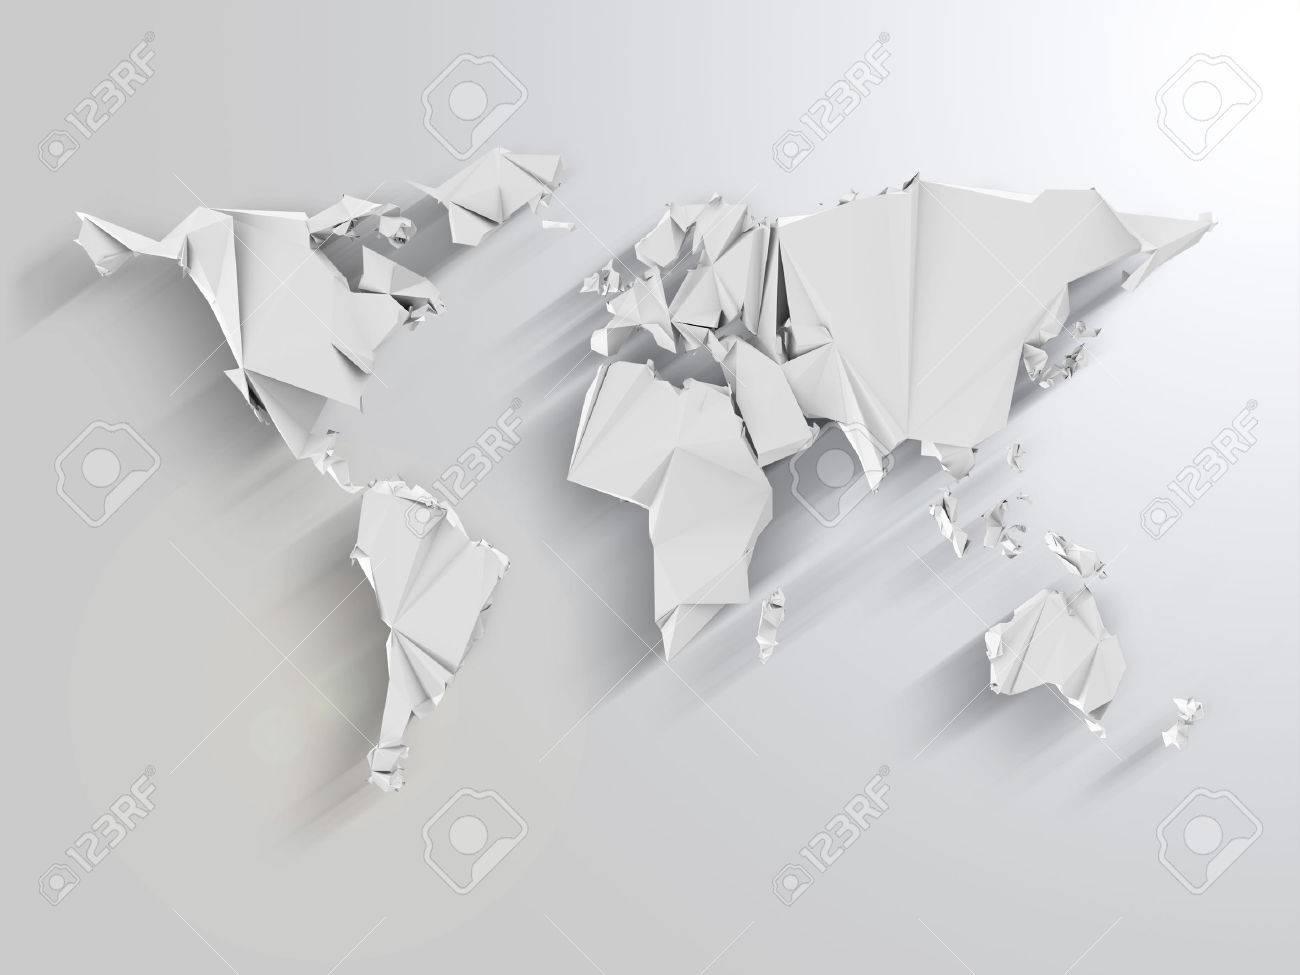 Carte Du Monde Origami.Carte Du Monde Resume En Origami Style Avec De Longues Ombres Effet